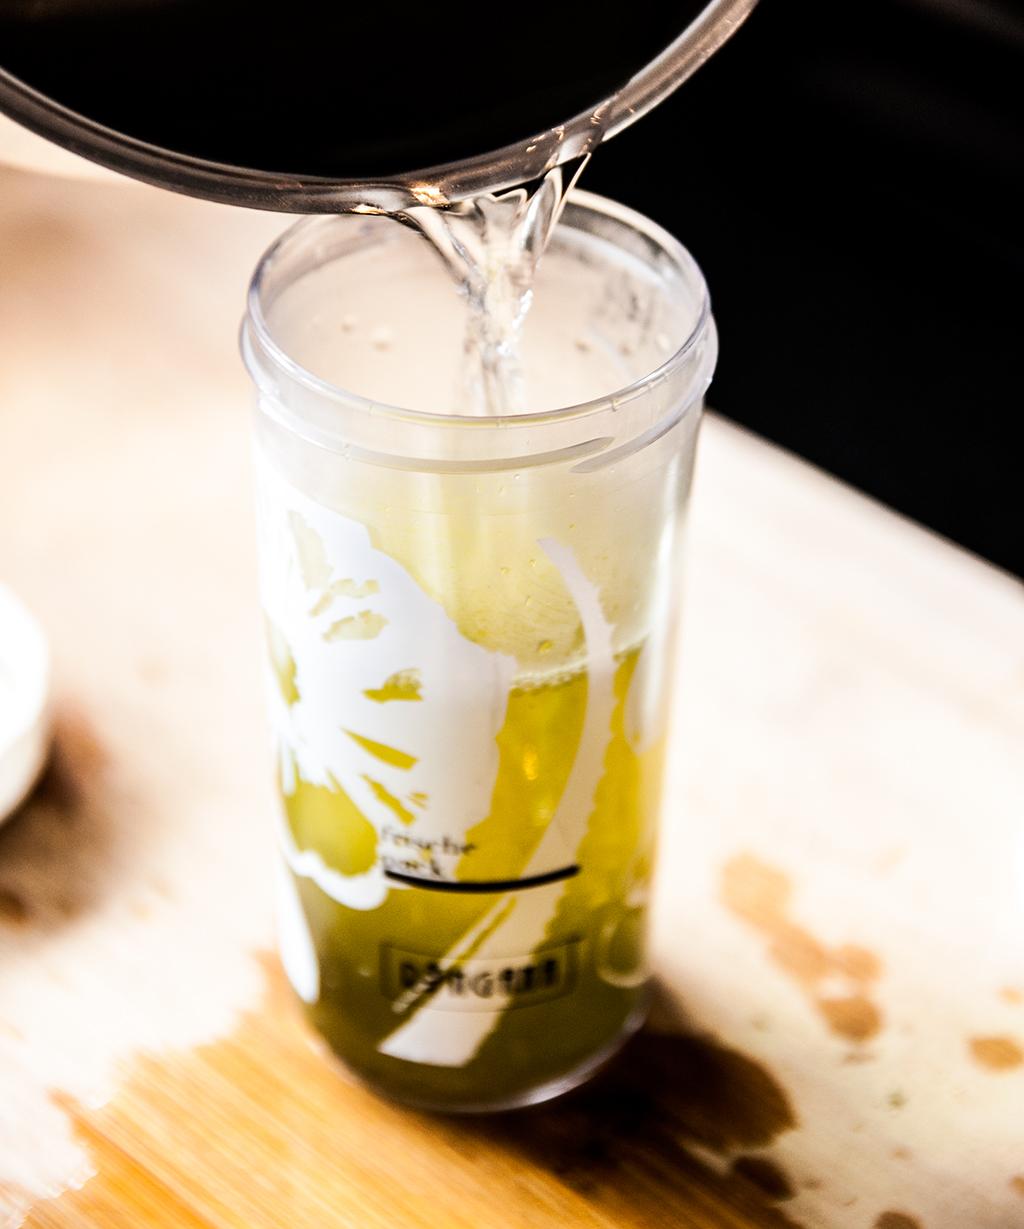 Zubereitung von Matcha Tee 5 - mit heissem Wasser aufgießen